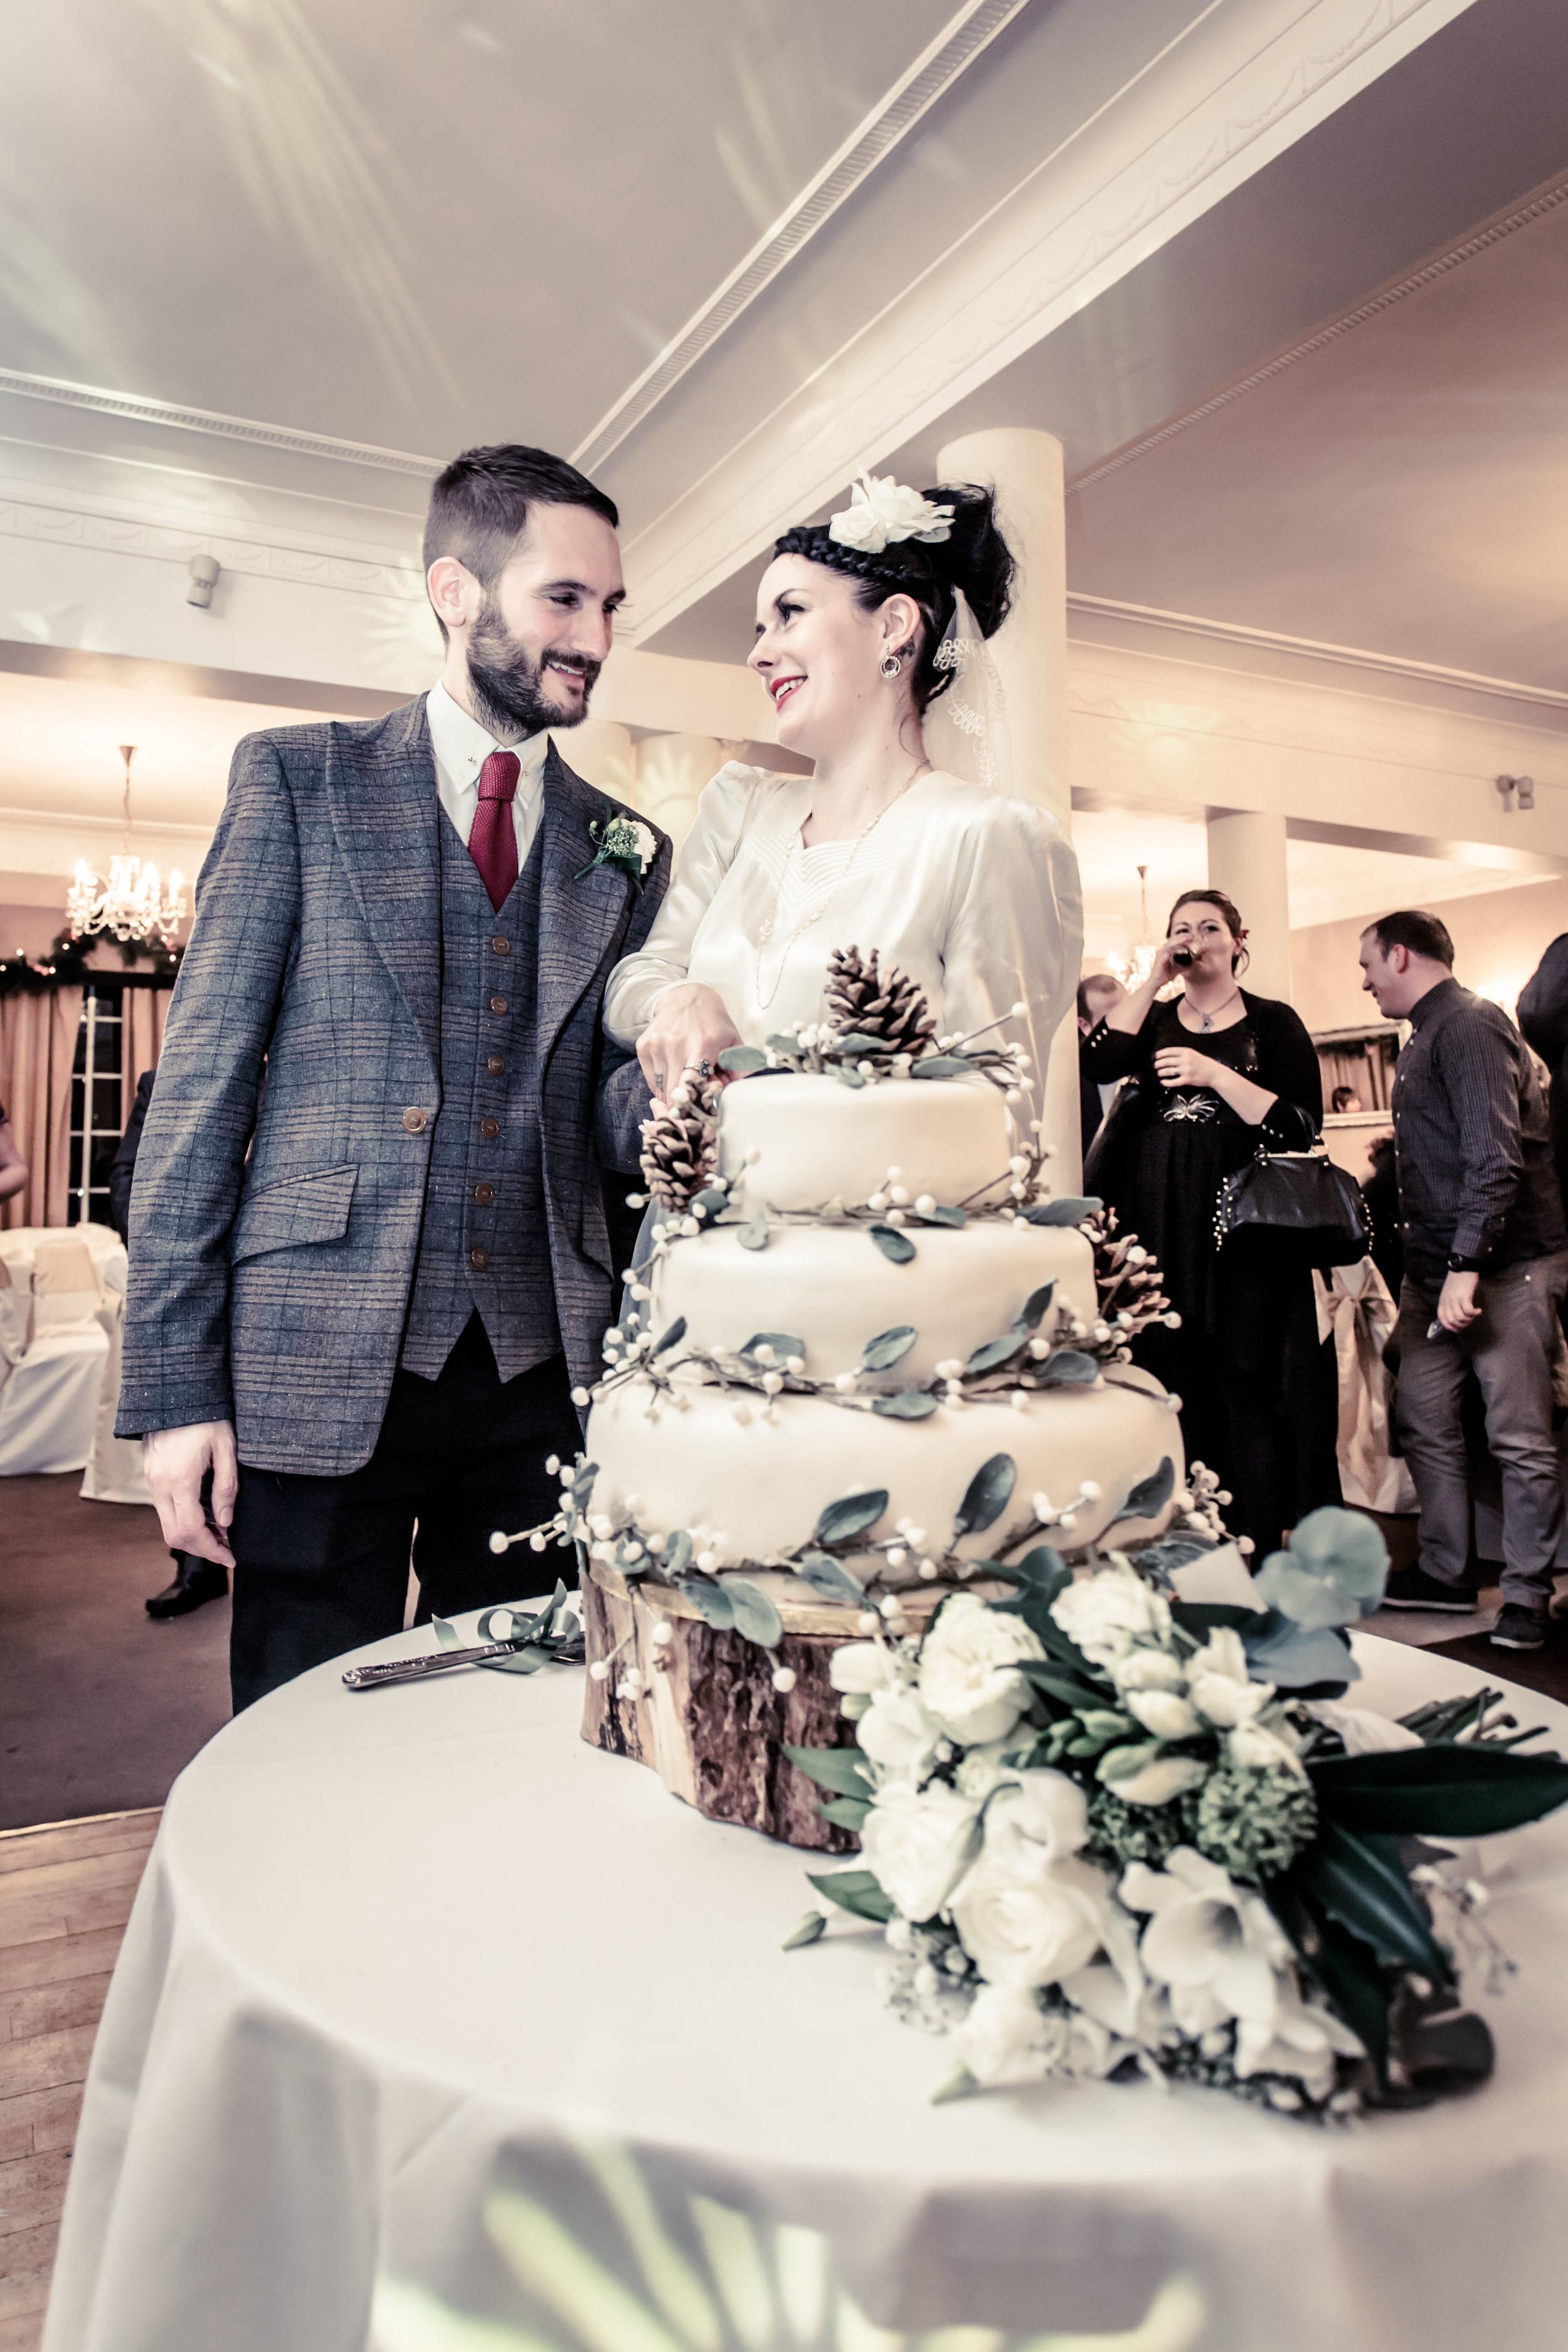 182 - Angela and Karls Wedding by www.markpugh.com -7217.jpg